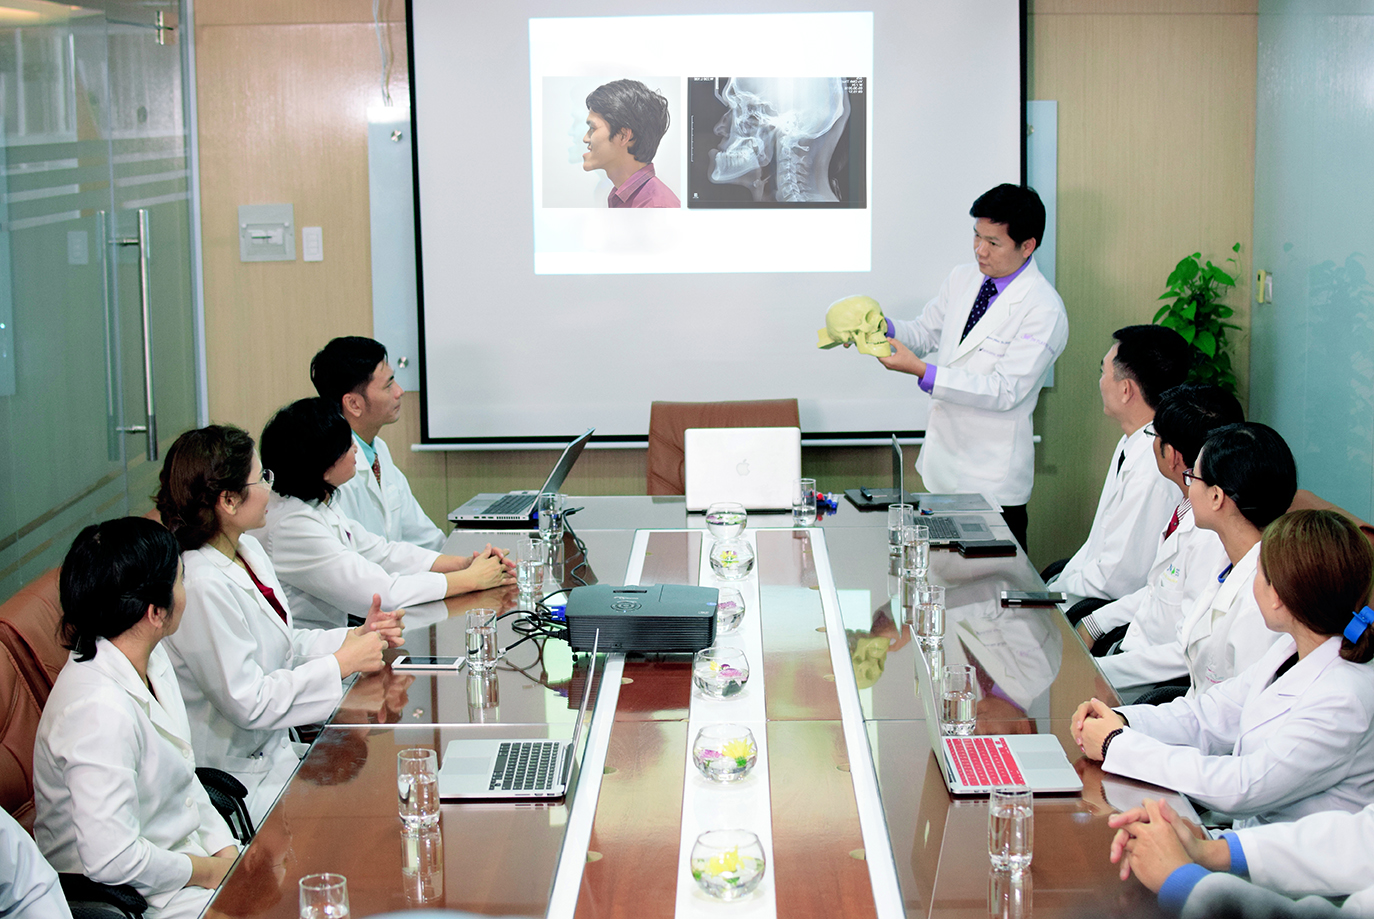 Phẫu thuật toàn bộ khuôn mặt bao nhiêu tiền tại bệnh viện uy tín-4